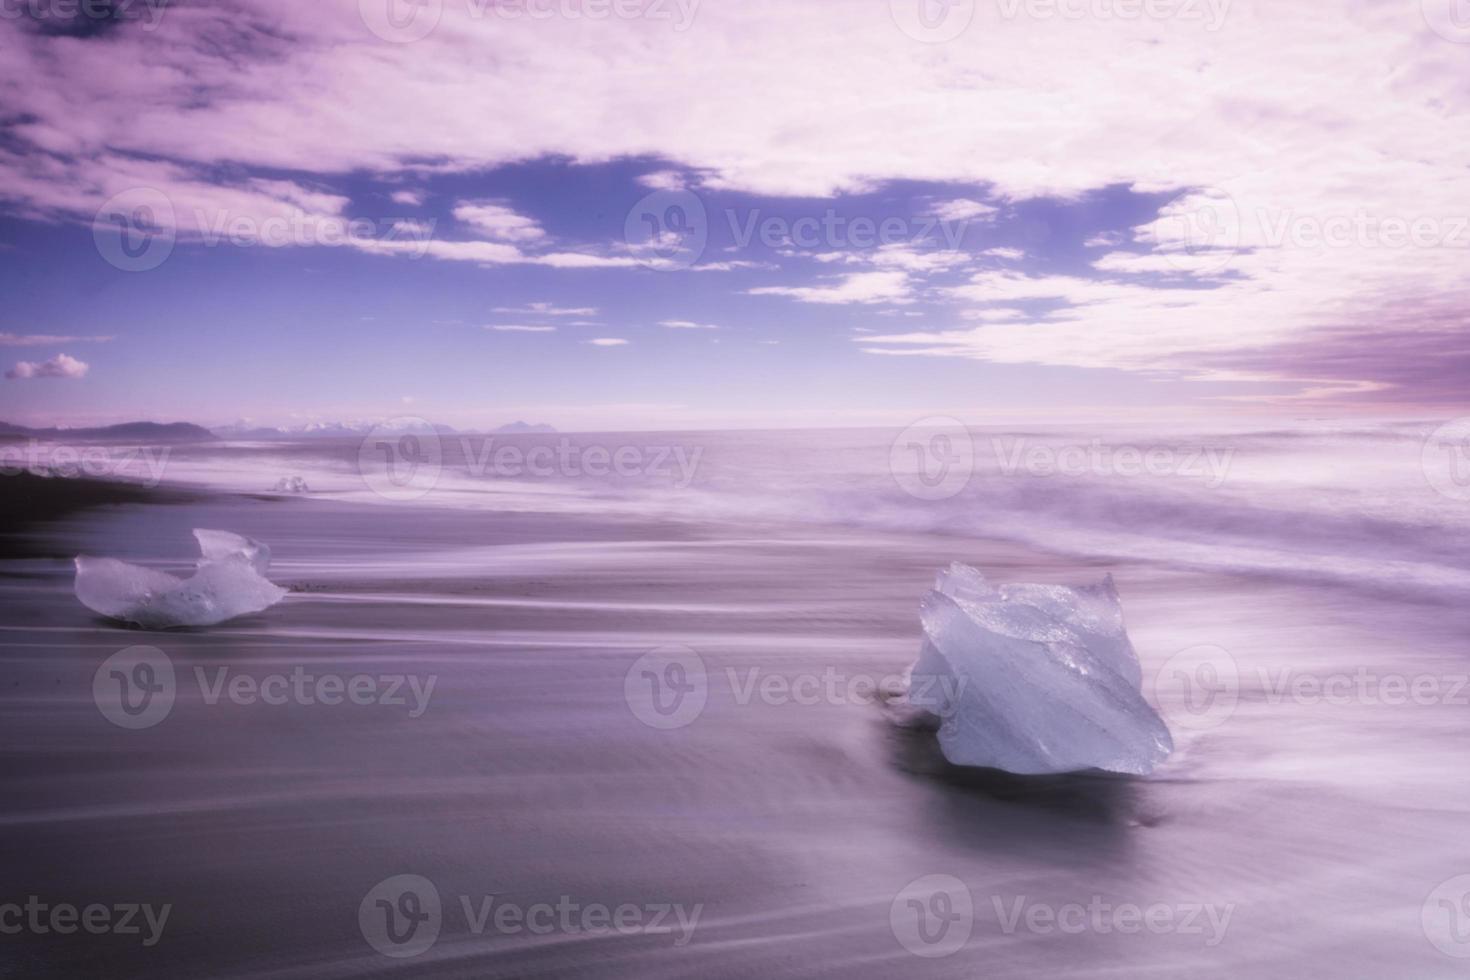 glace sur la plage - lagune glaciaire de l'Islande photo